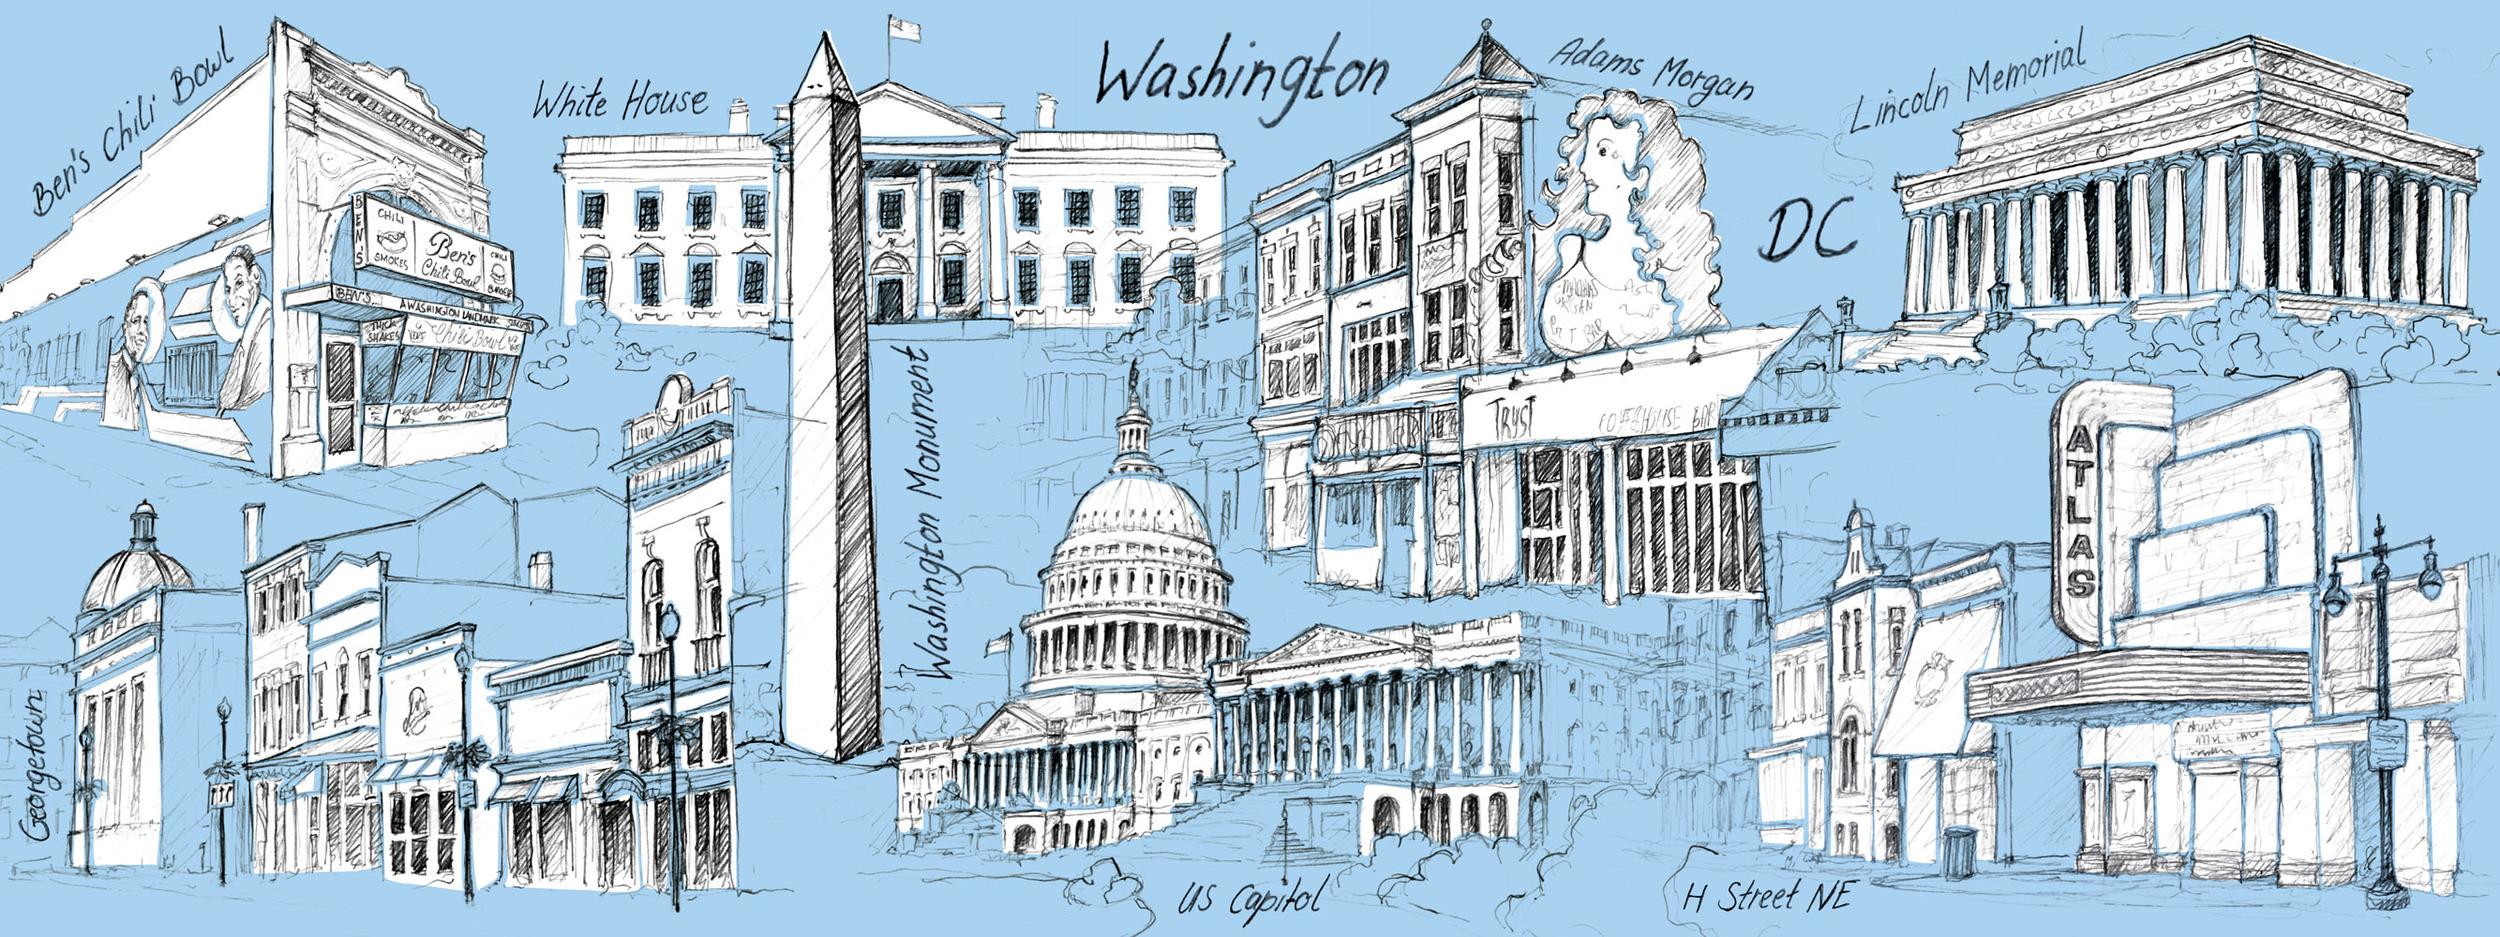 DC-w-LOVE-map-s.jpg